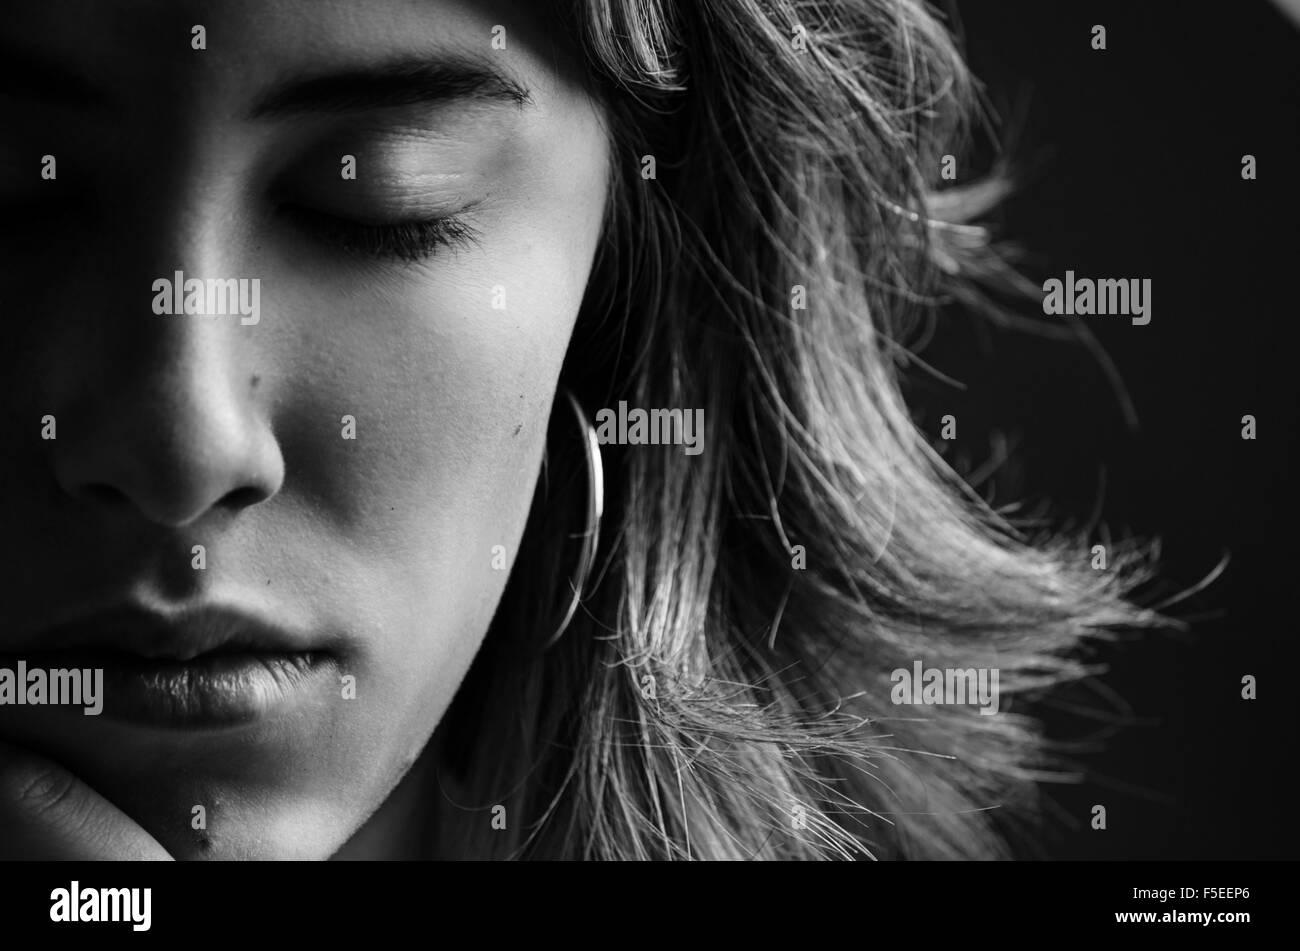 Ritratto di giovane donna con gli occhi chiusi Immagini Stock